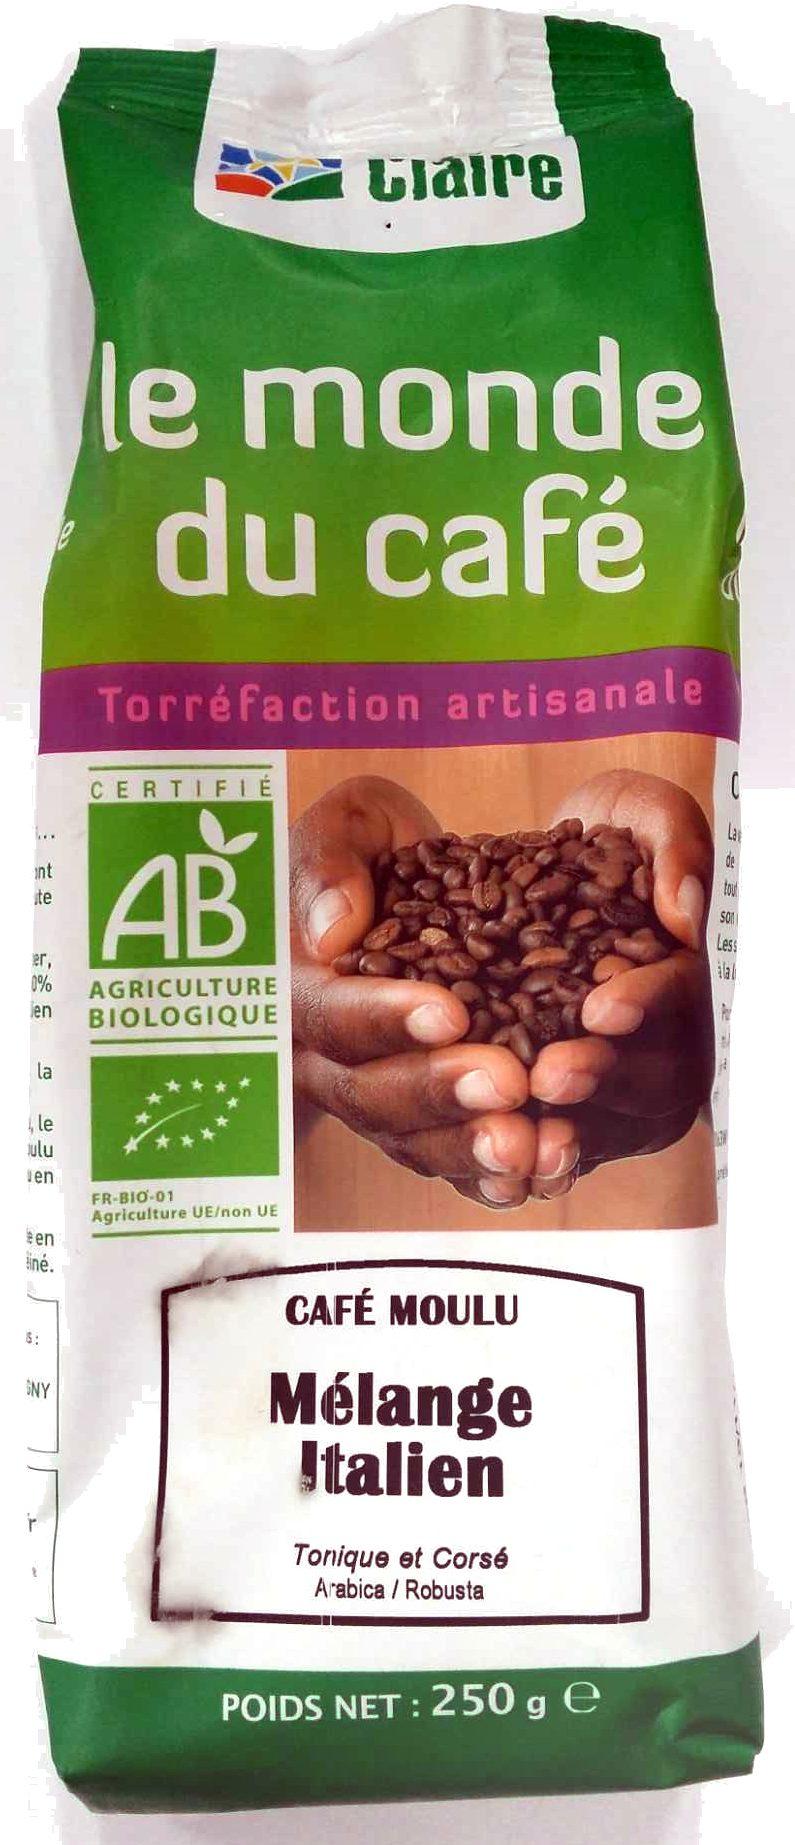 Café Moulu Mélange Italien - Product - fr